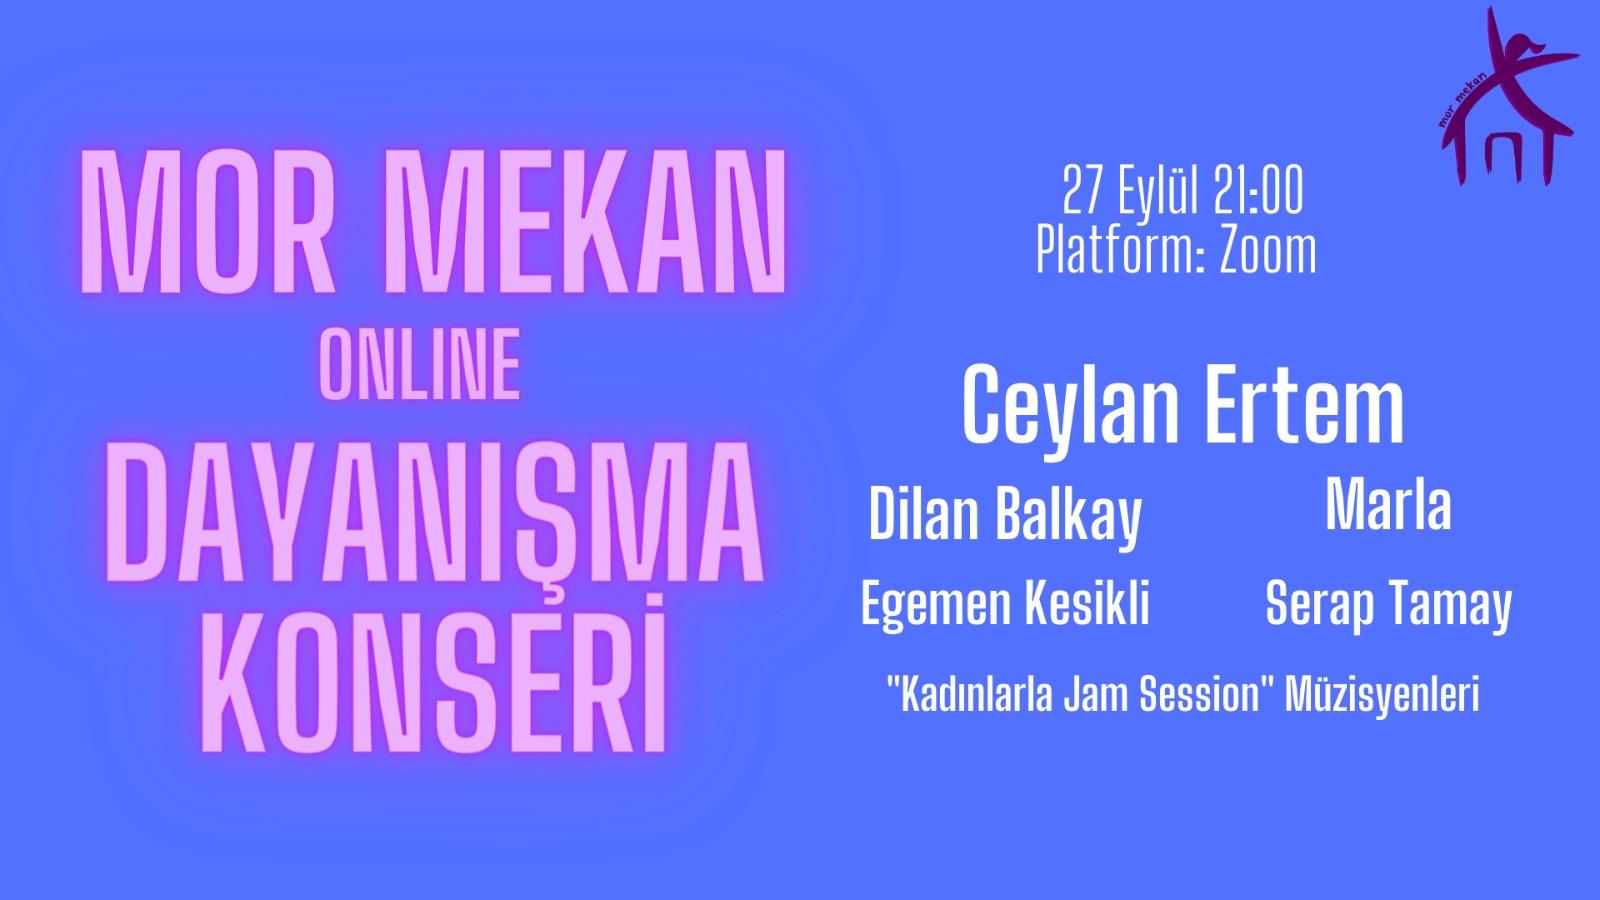 Mor Mekan'la Dayanışma Konseri (Online)